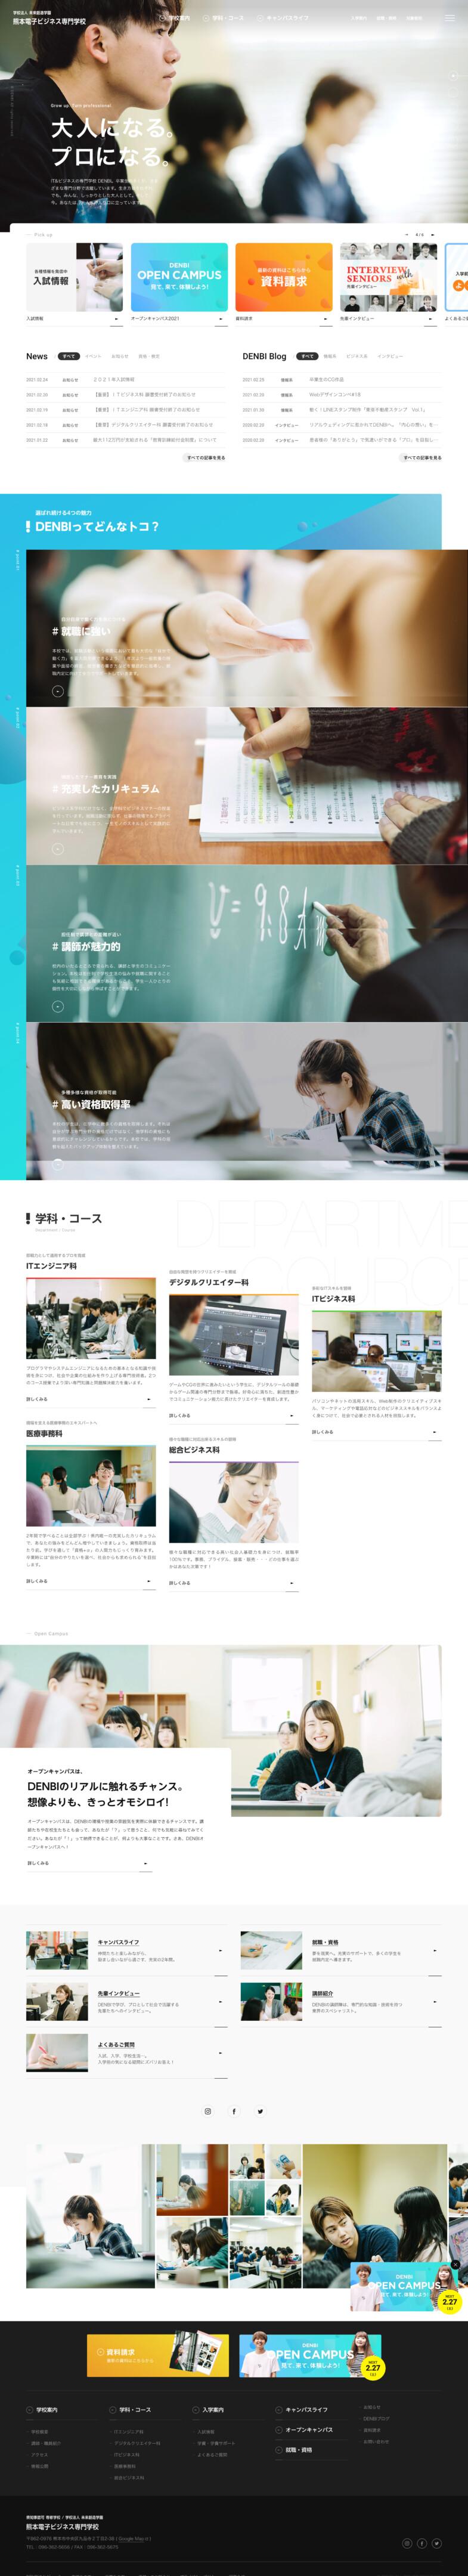 熊本電子ビジネス専門学校サイトのパソコン表示